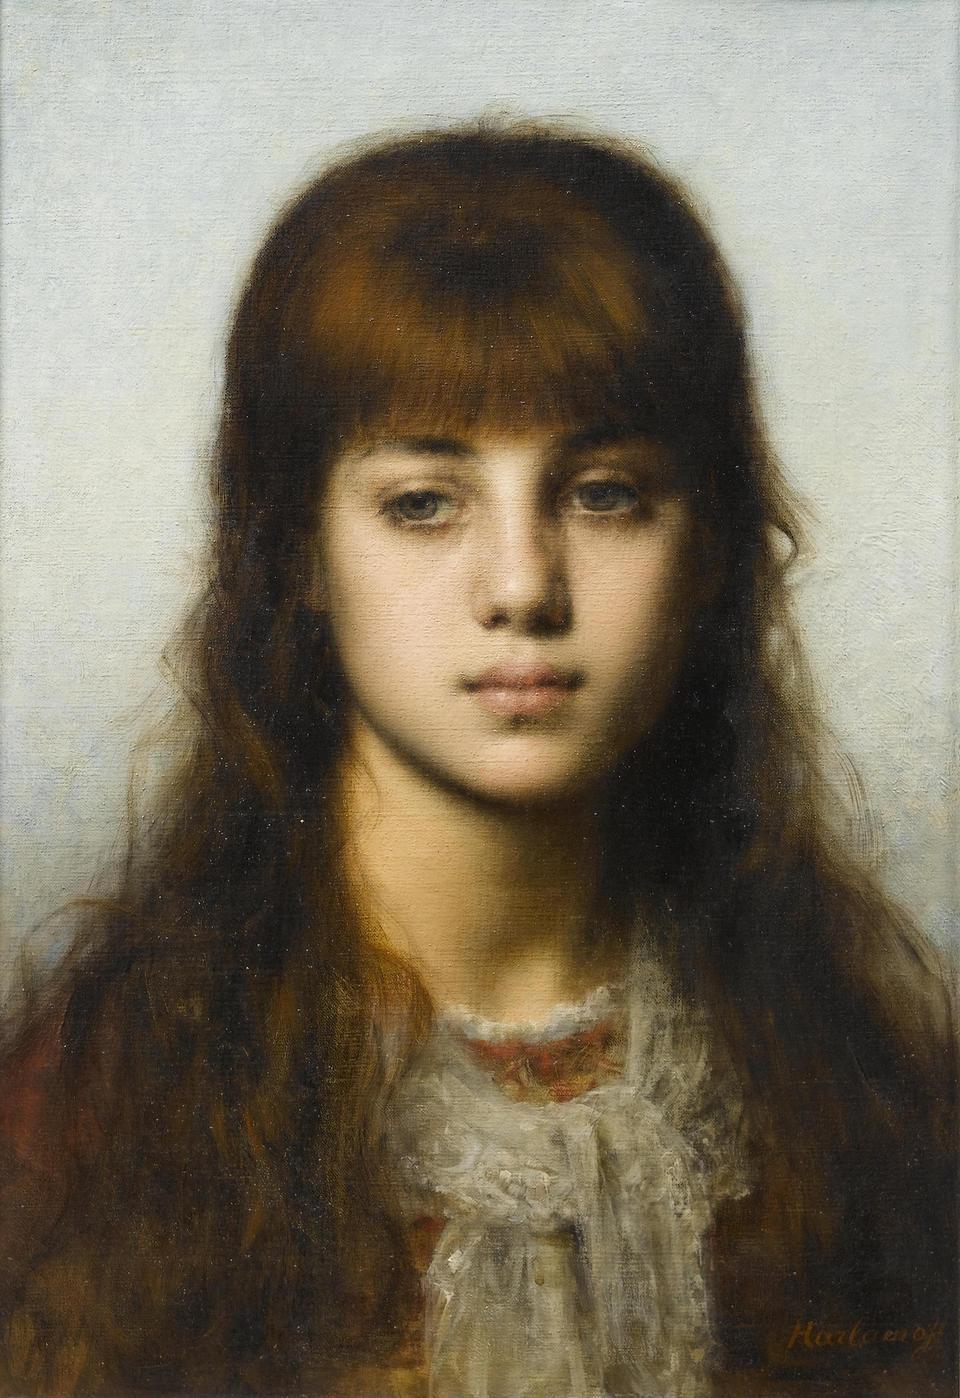 Харламов Алексей Алексеевич,1840-1925-русский художник.